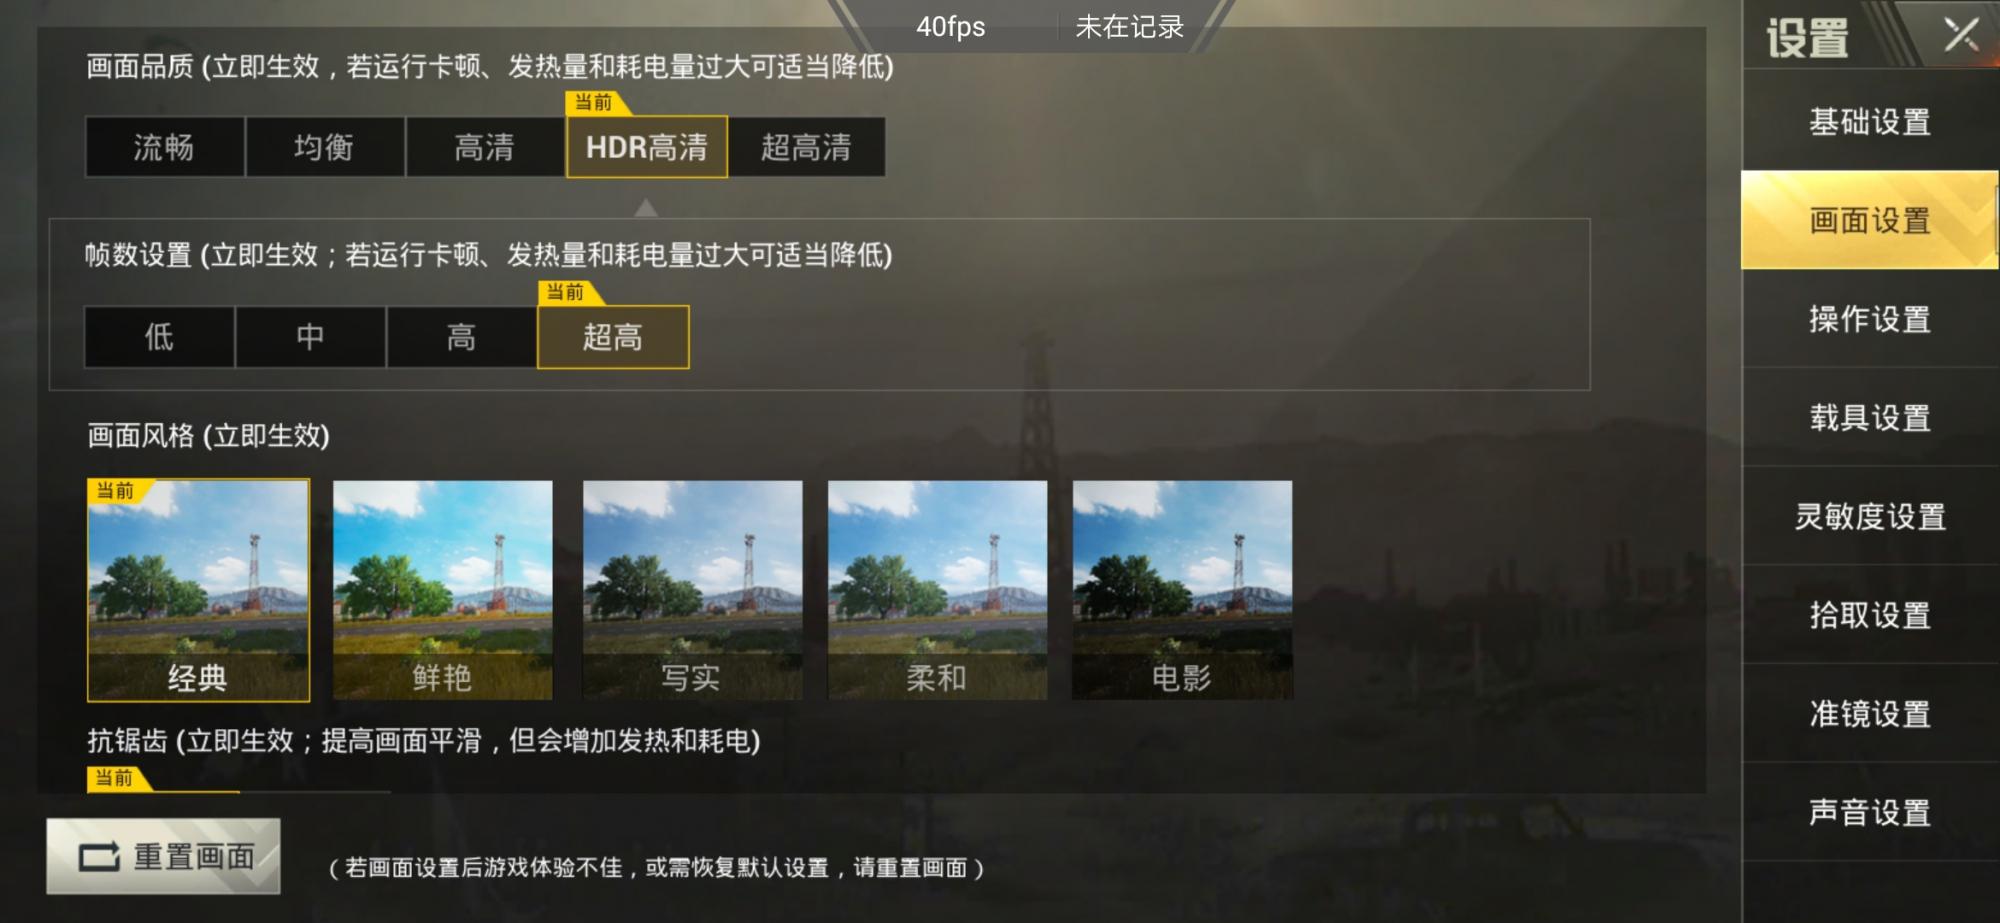 Screenshot_20190506_133343_com.tencent.tmgp.pubgmhd.jpg